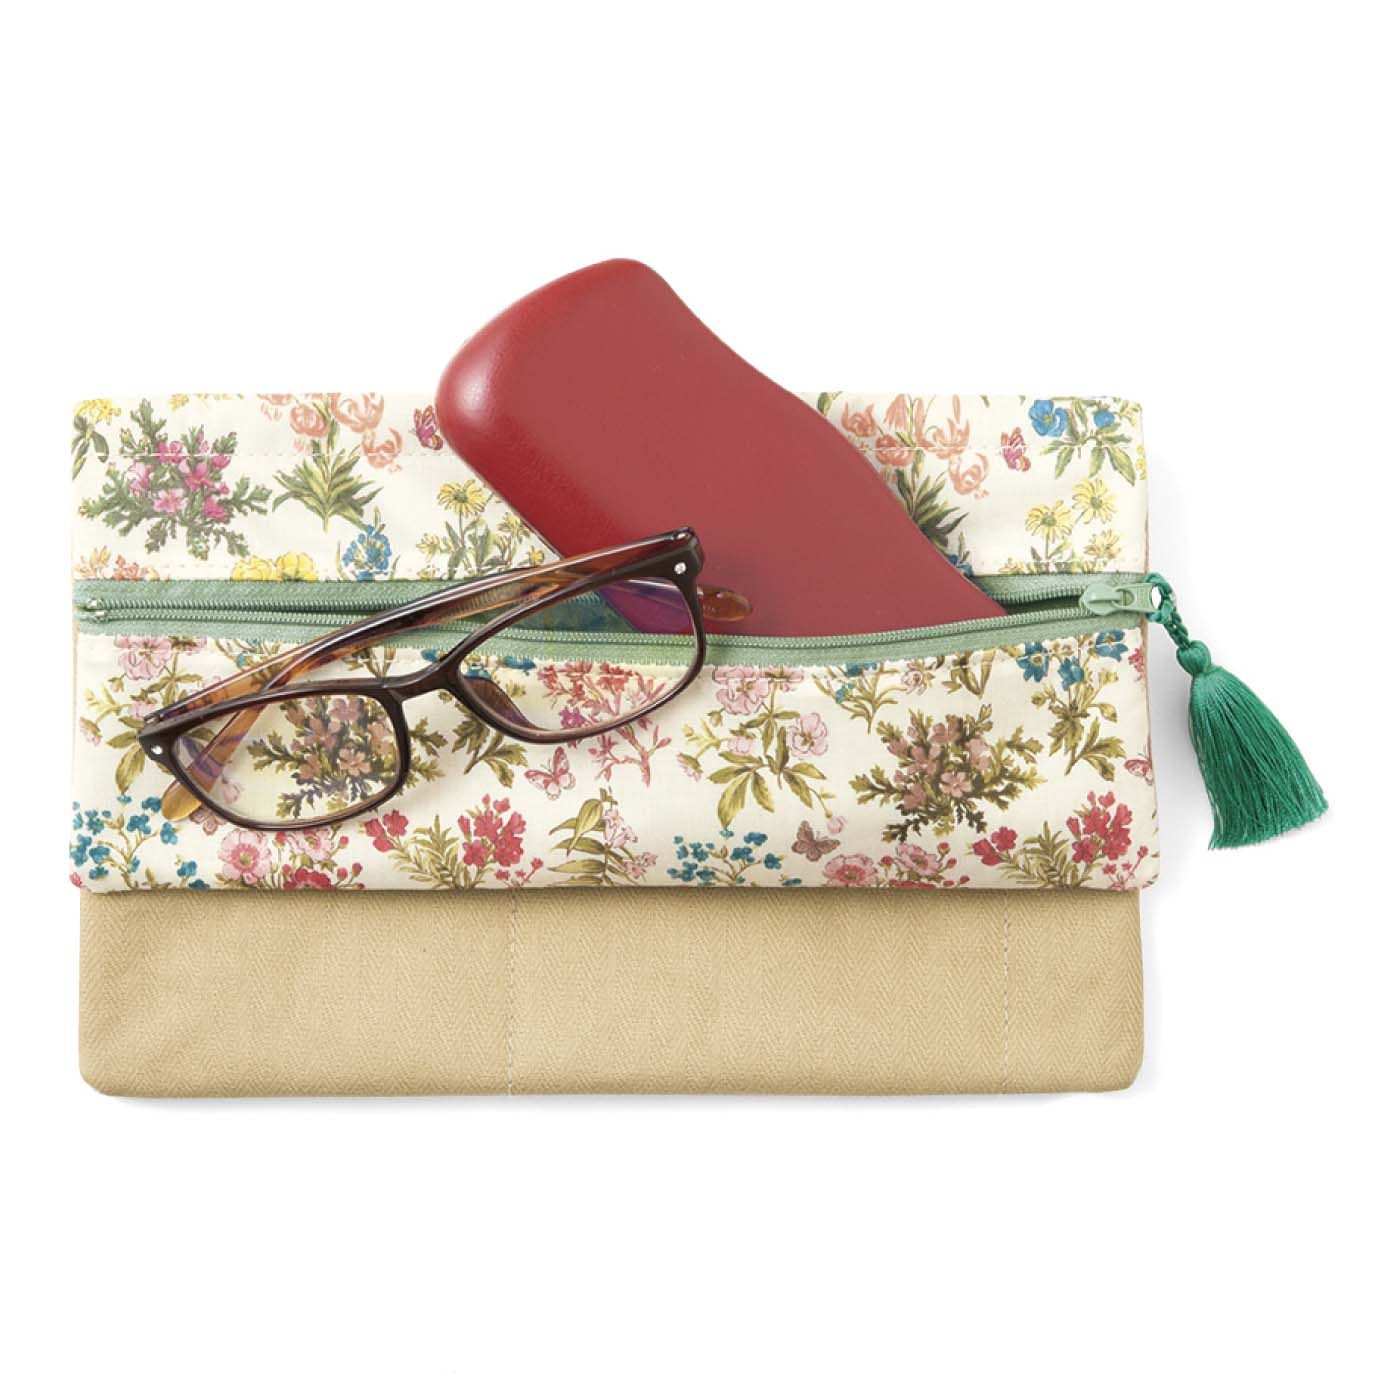 細長い前面ポケットは眼鏡やペン入れにおすすめ。